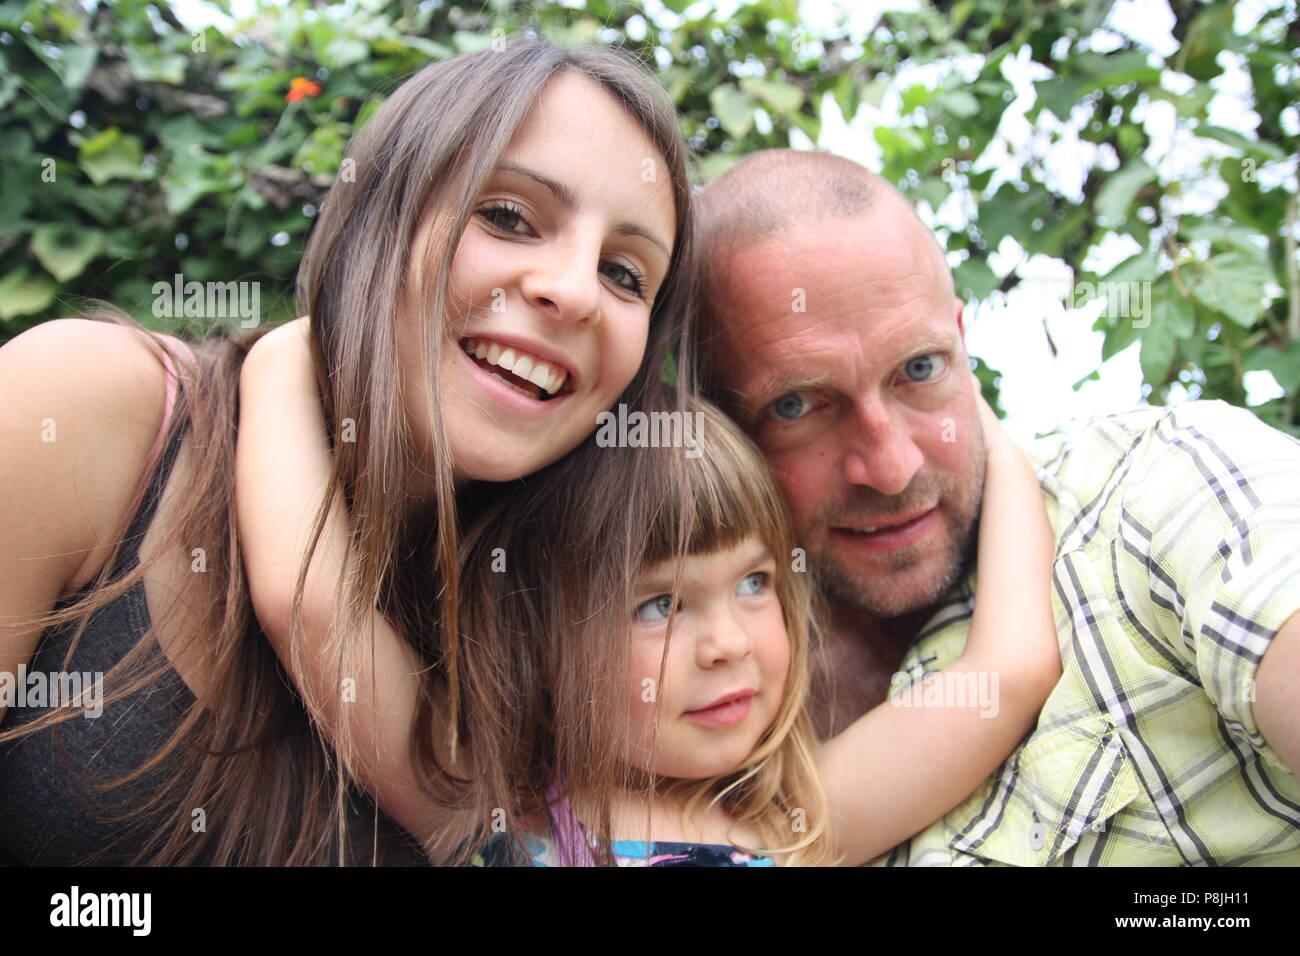 Bella famiglia felice cuddling selfie picture lunghi capelli scuri giovane con bambino Immagini Stock